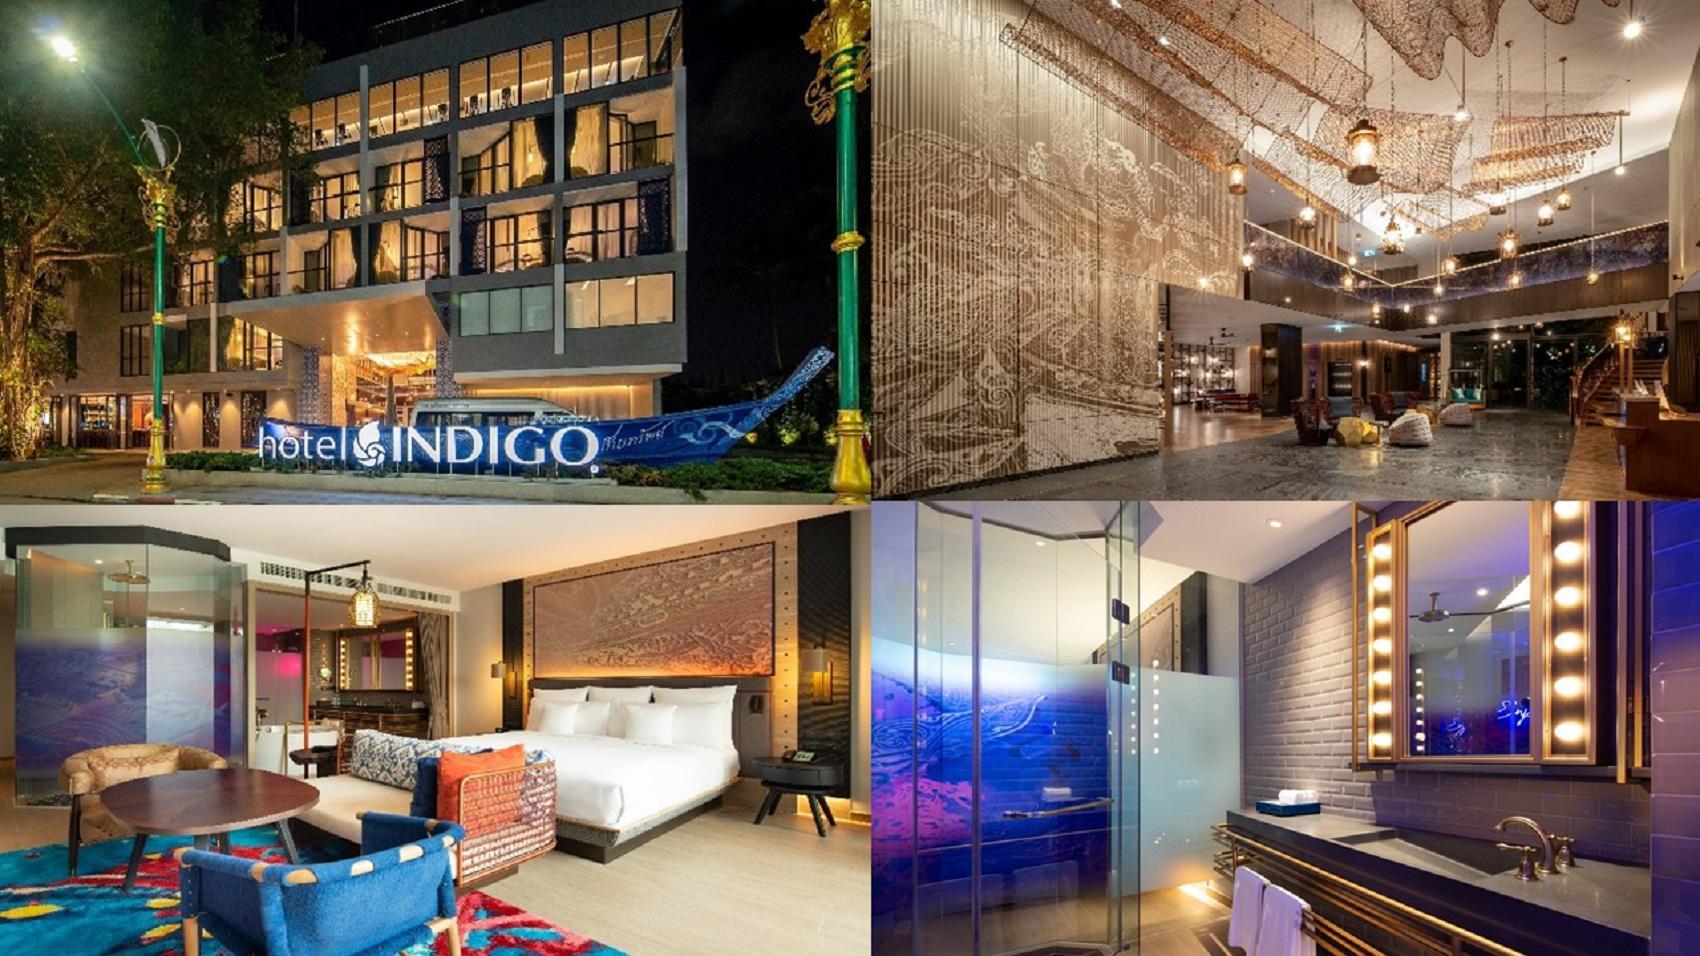 รูปบทความ โฮเท็ล อินดิโก ภูเก็ต ป่าตอง (Hotel Indigo Phuket Patong) มอบข้อเสนอพิเศษแก่ลูกค้าทุกท่าน